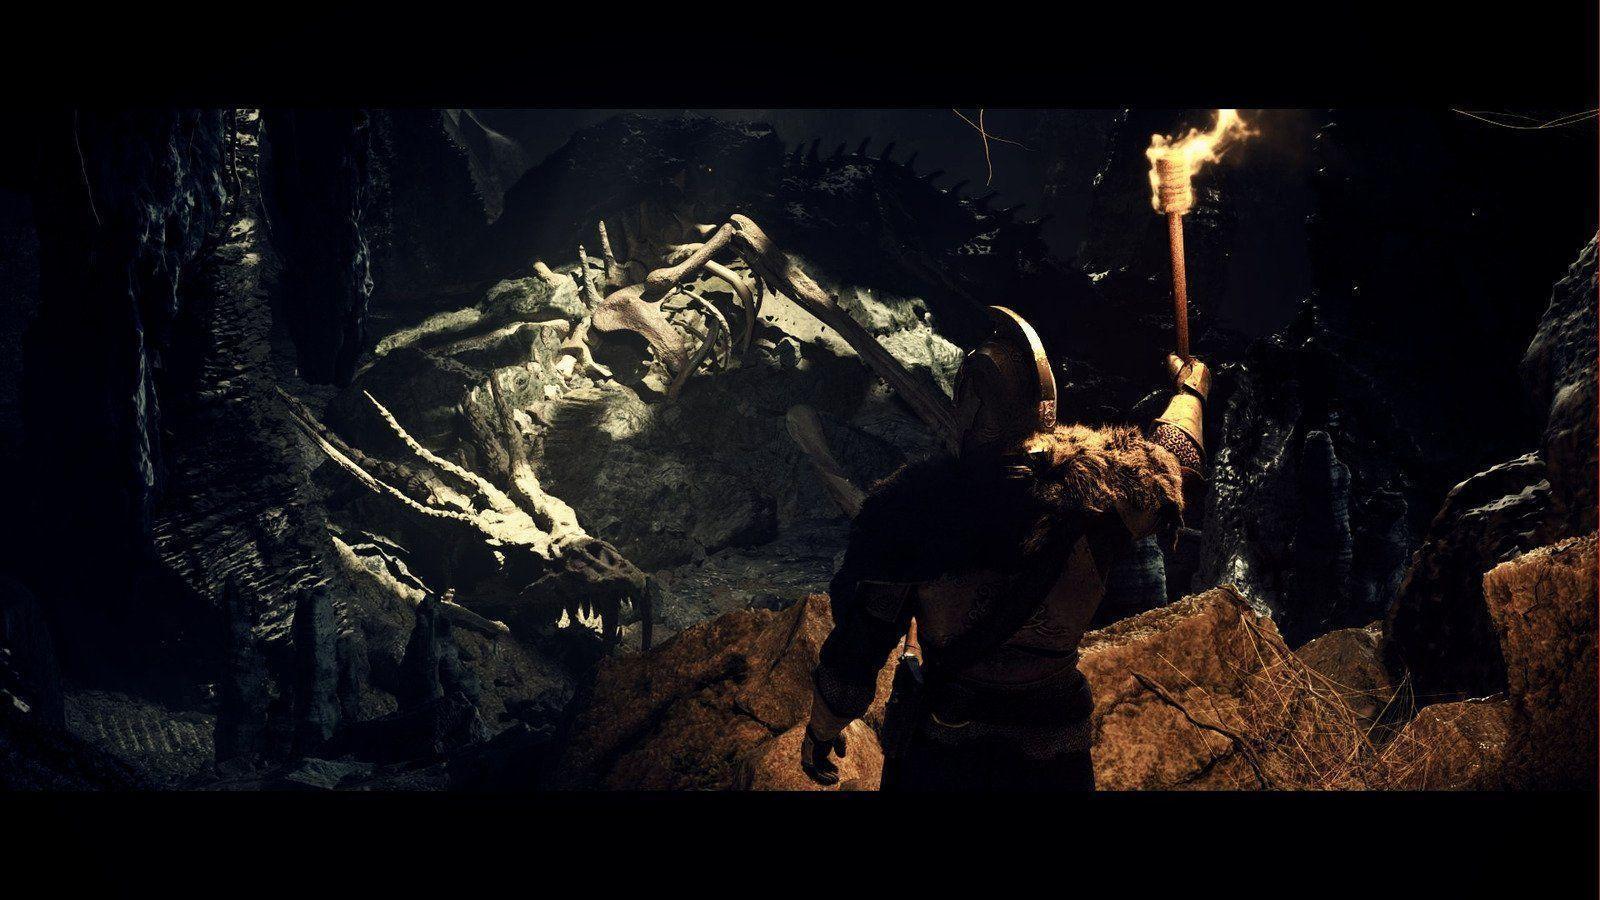 Dark Souls Ii Wallpapers Wallpaper Cave